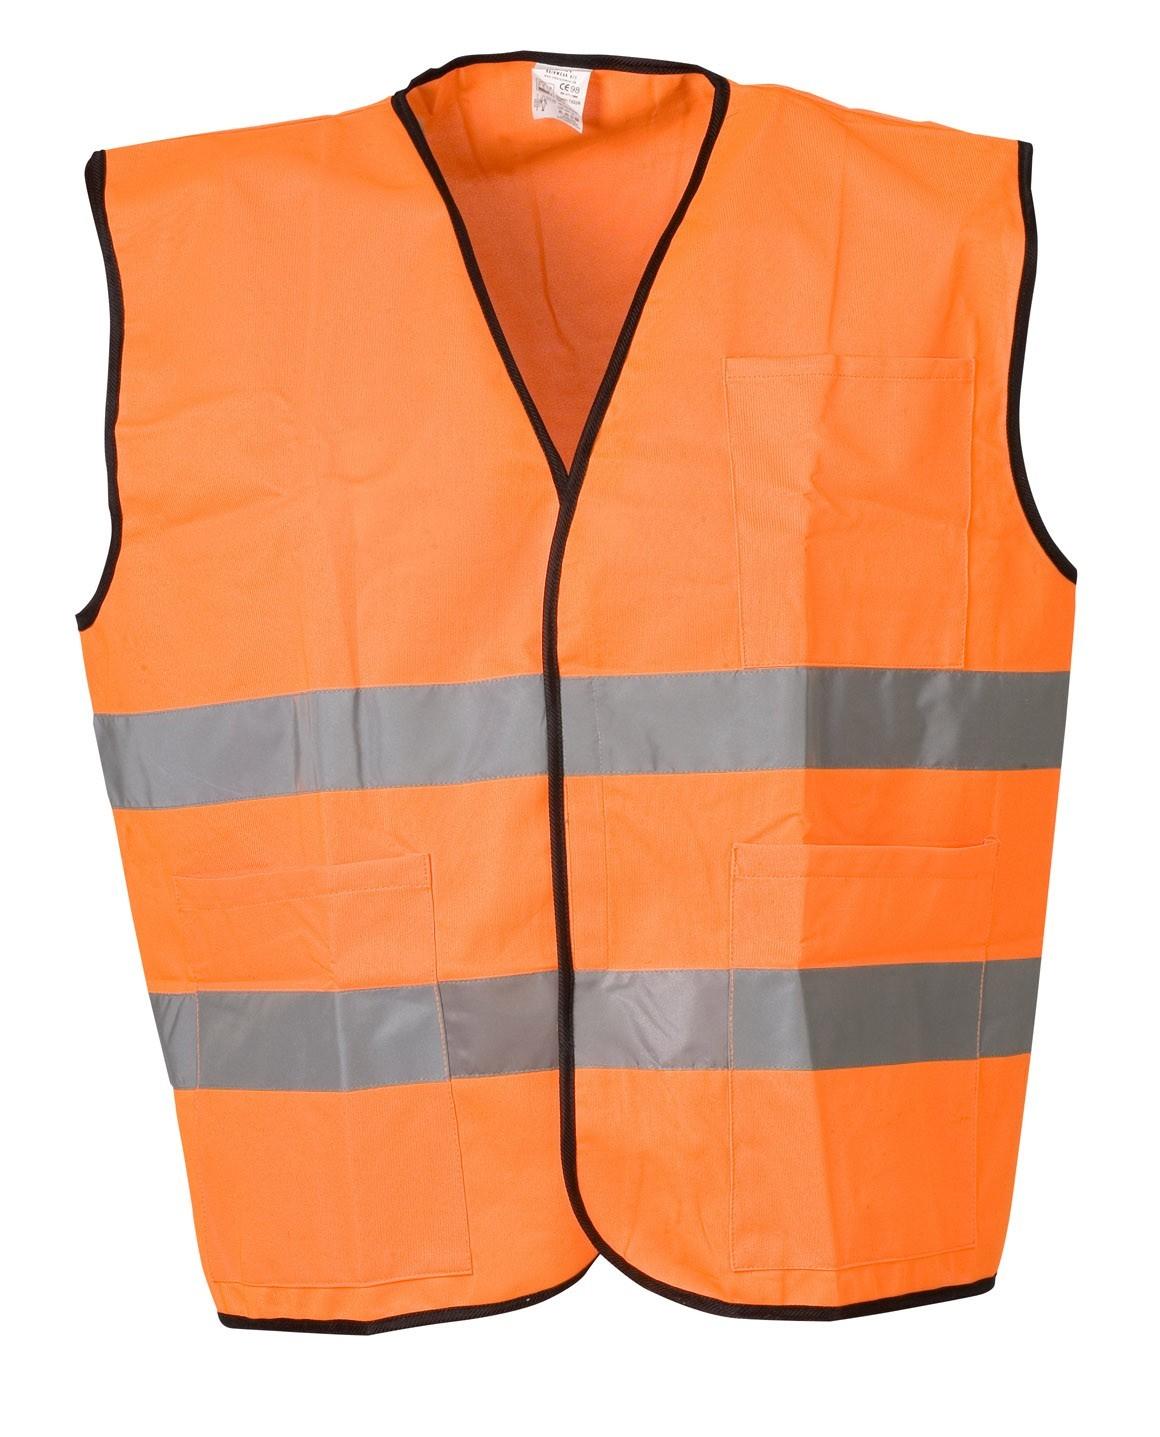 Hi-Visibility Class 2 Vests